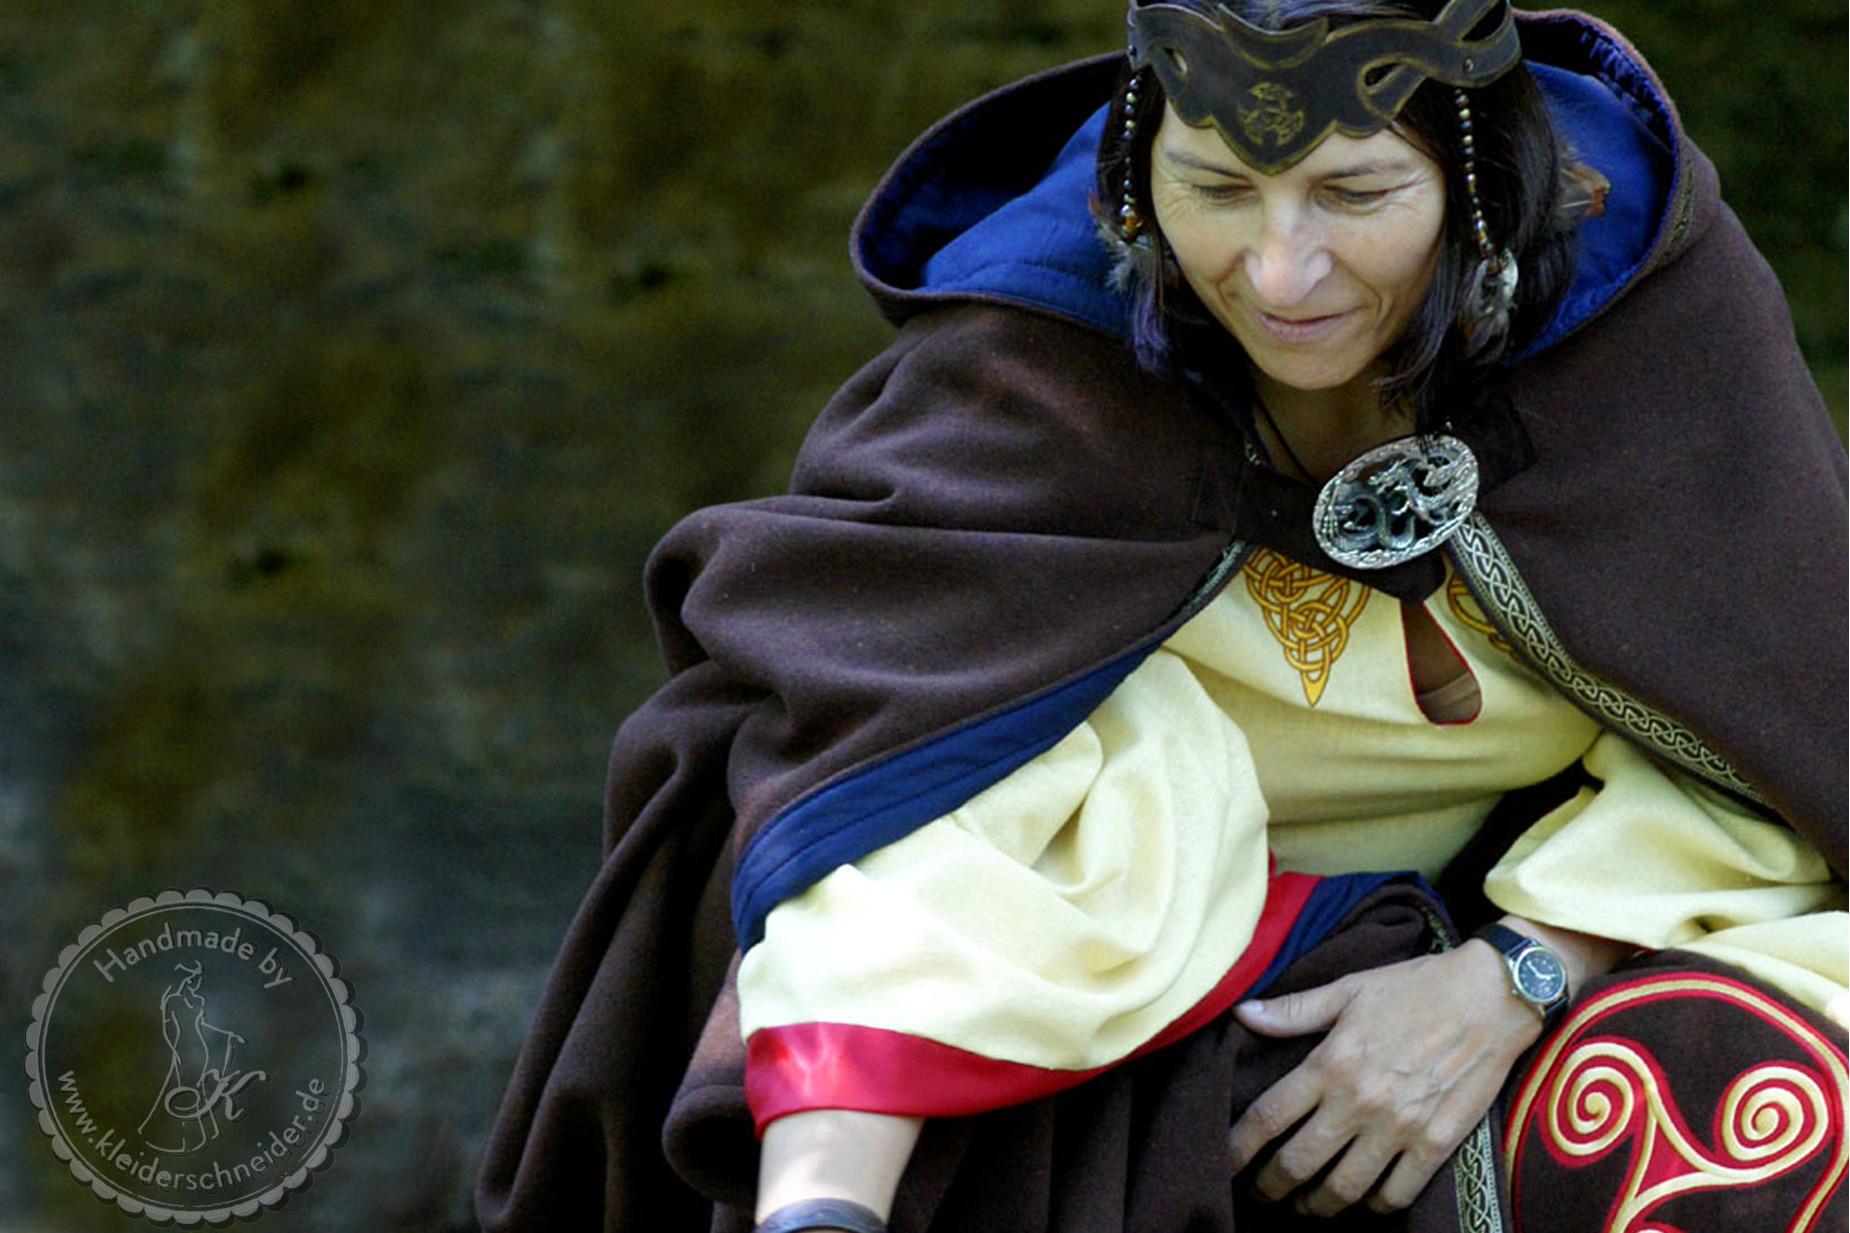 Druiden Gewand, Druidengewand